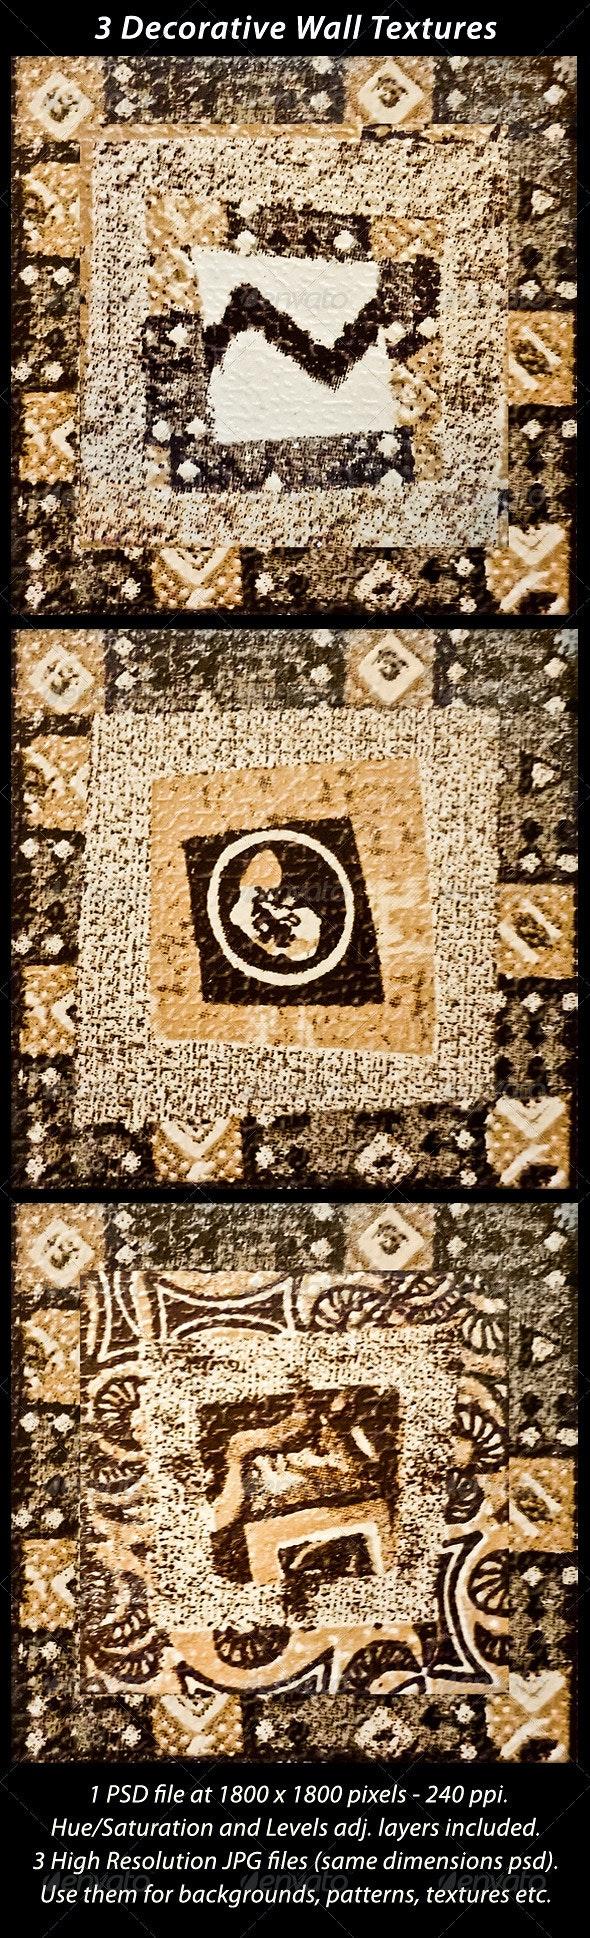 3 Decorative Wall Mosaic Textures - Fabric Textures